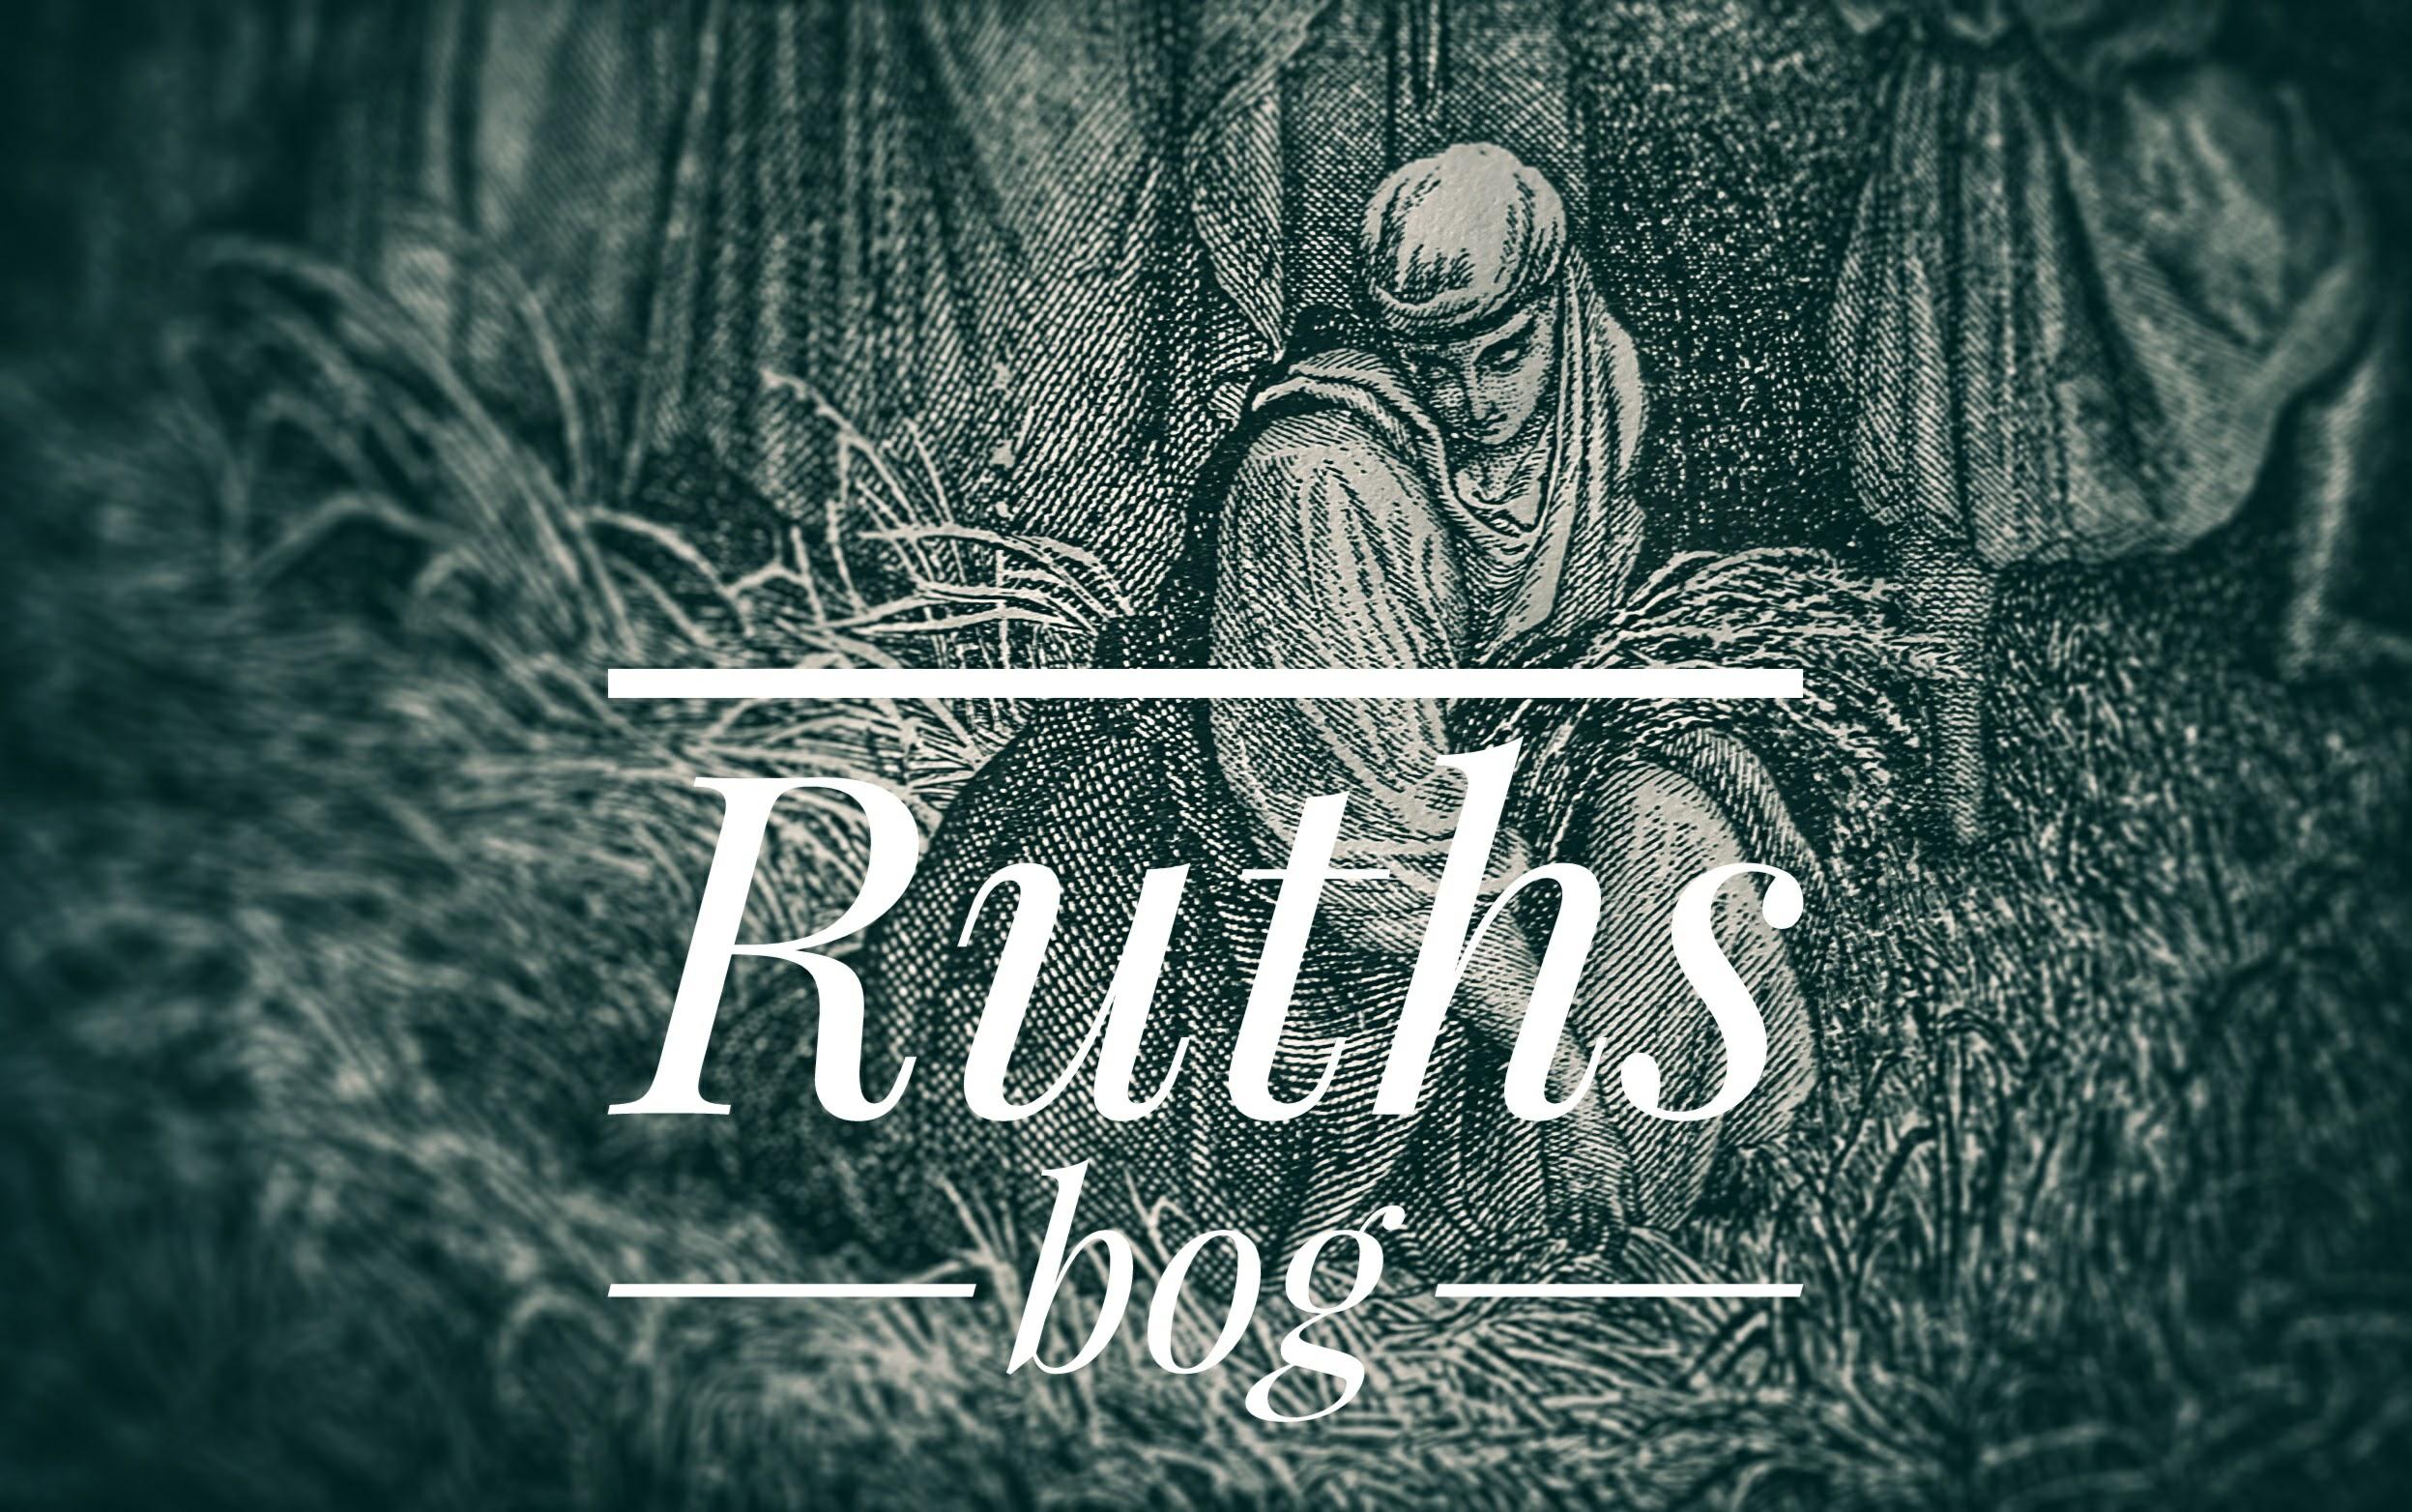 Ruths bog